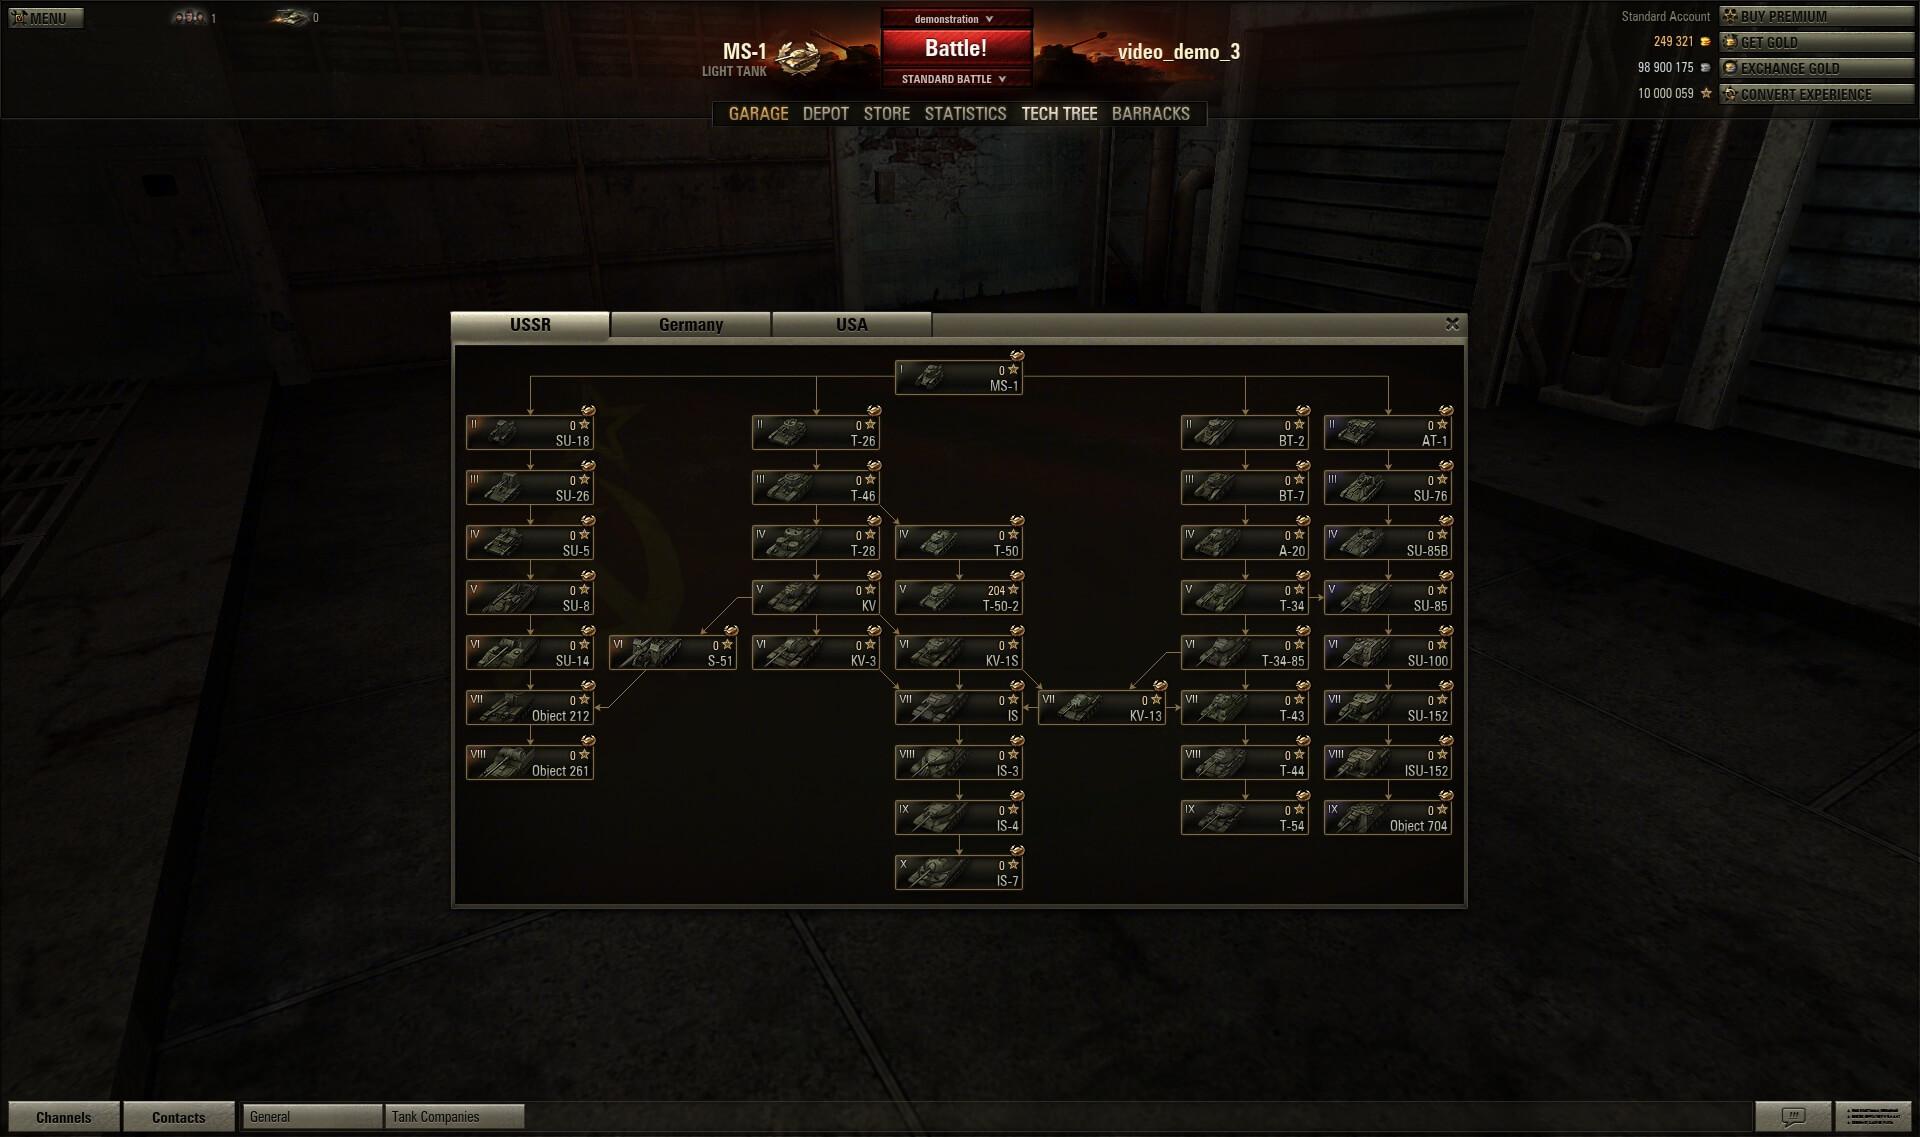 Su-85b találat